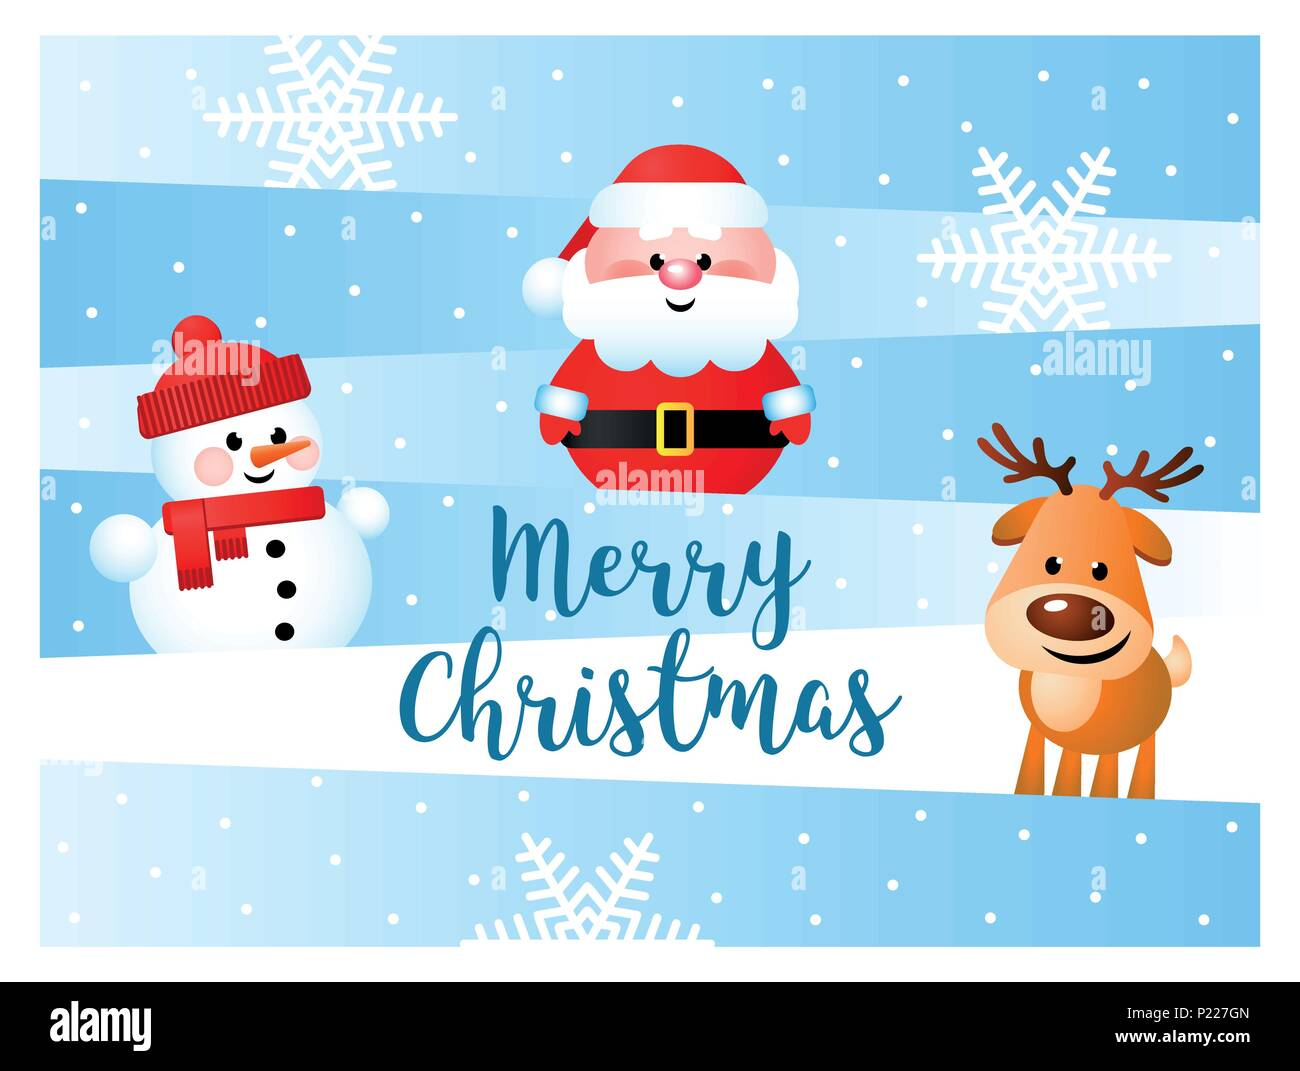 Foto Divertenti Di Buon Natale.Auguri Di Buon Natale Biglietto Di Auguri Con Divertenti Personaggi